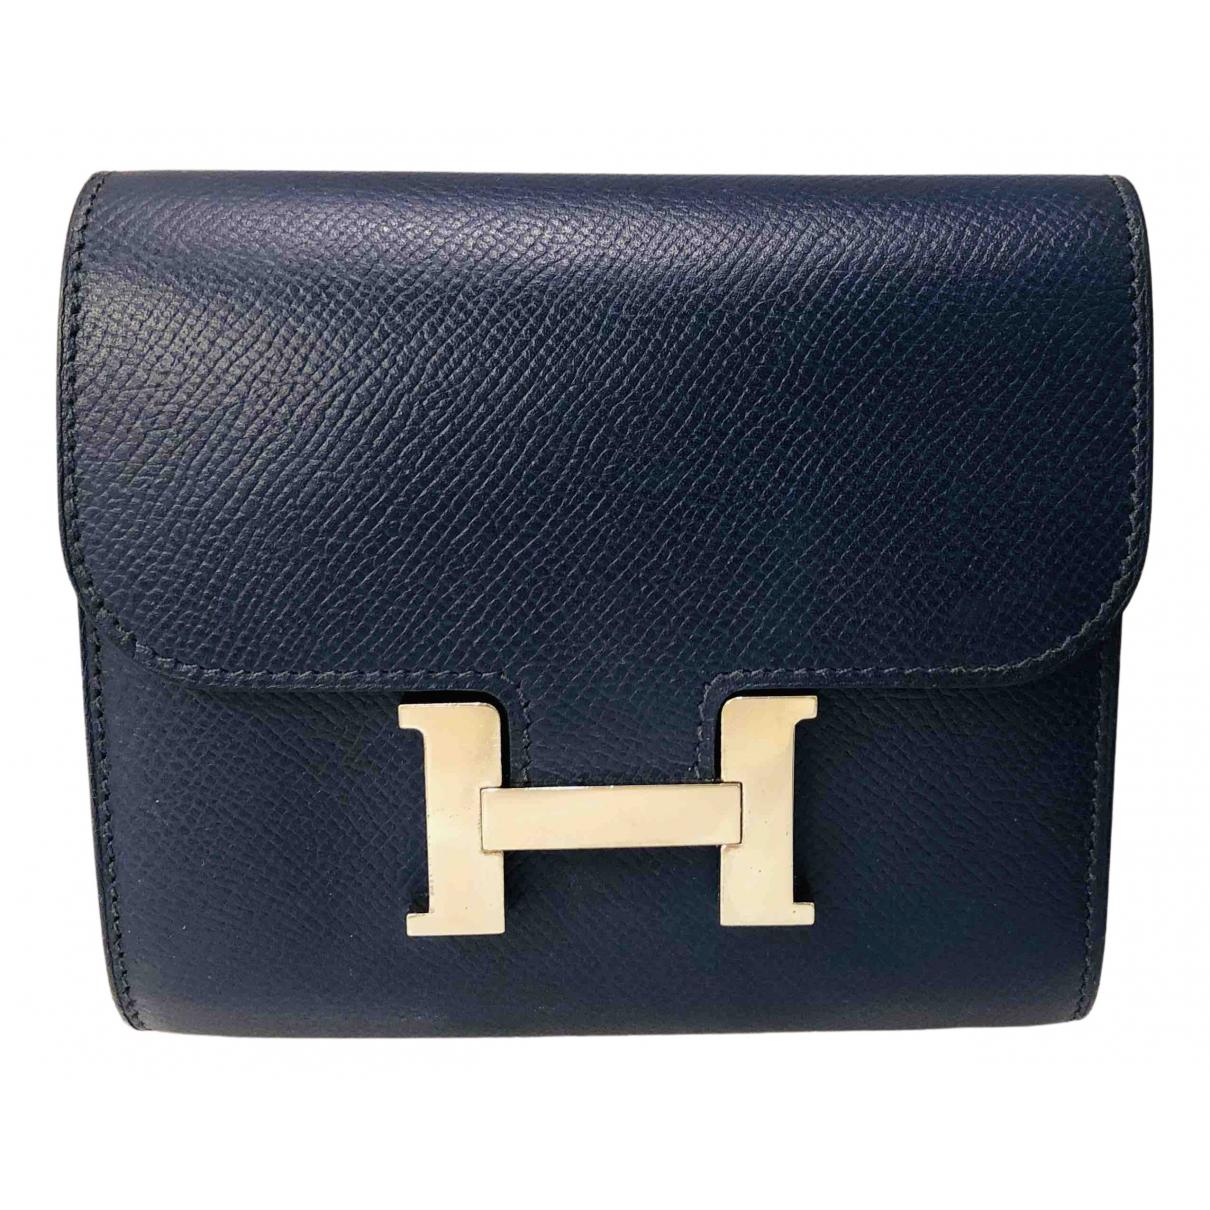 Hermes - Portefeuille Constance pour femme en cuir - marine